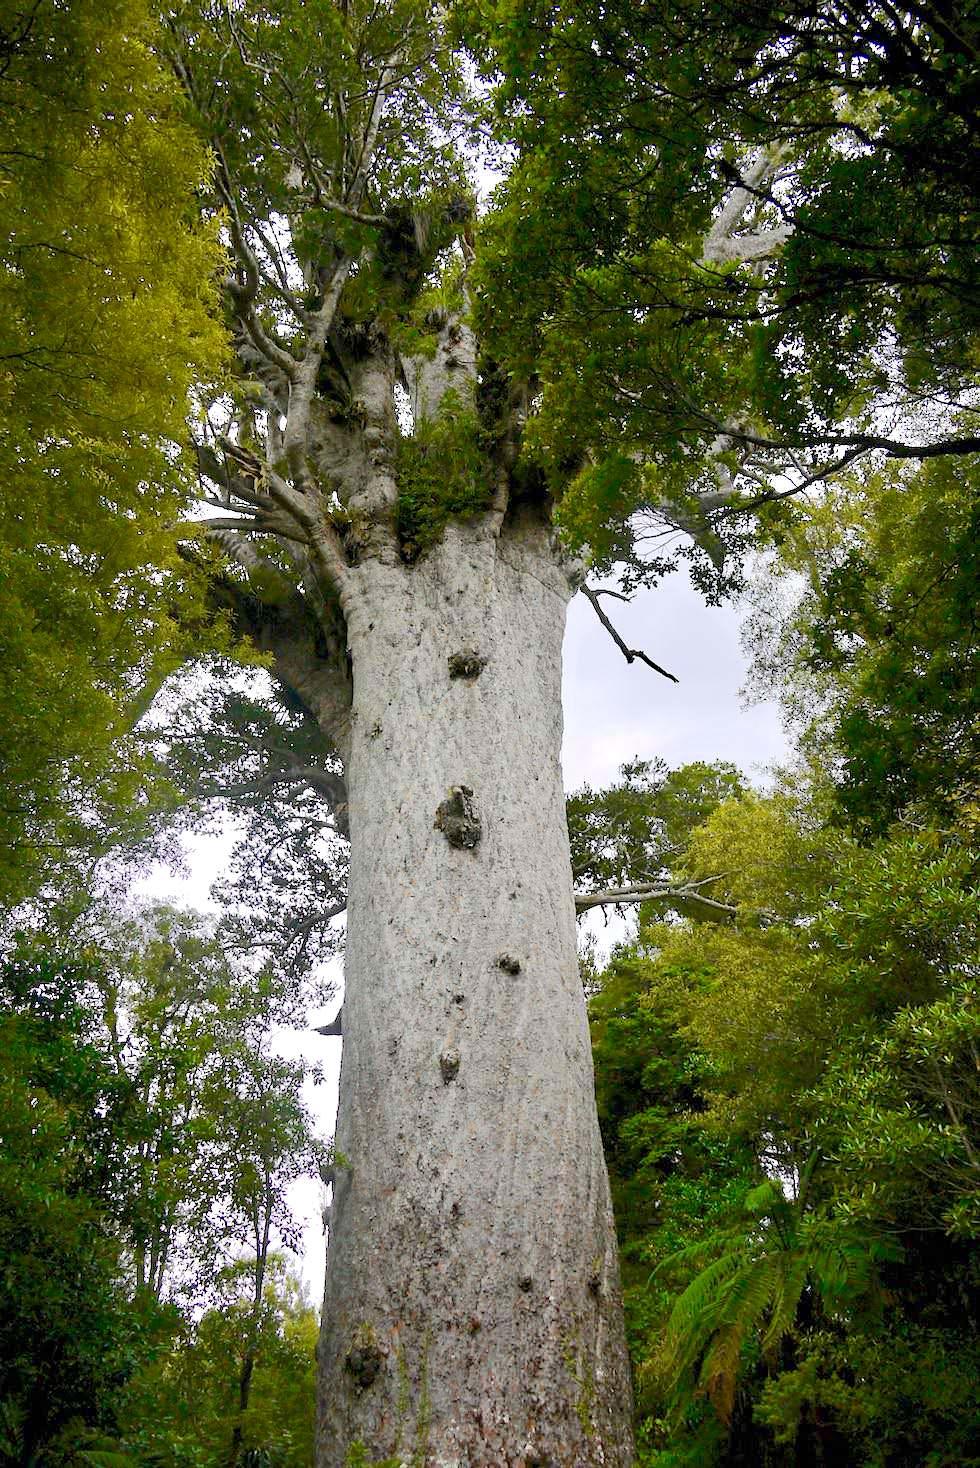 Tane Mahuta: Der größte Kauri Baum von Neuseeland - Nordinsel